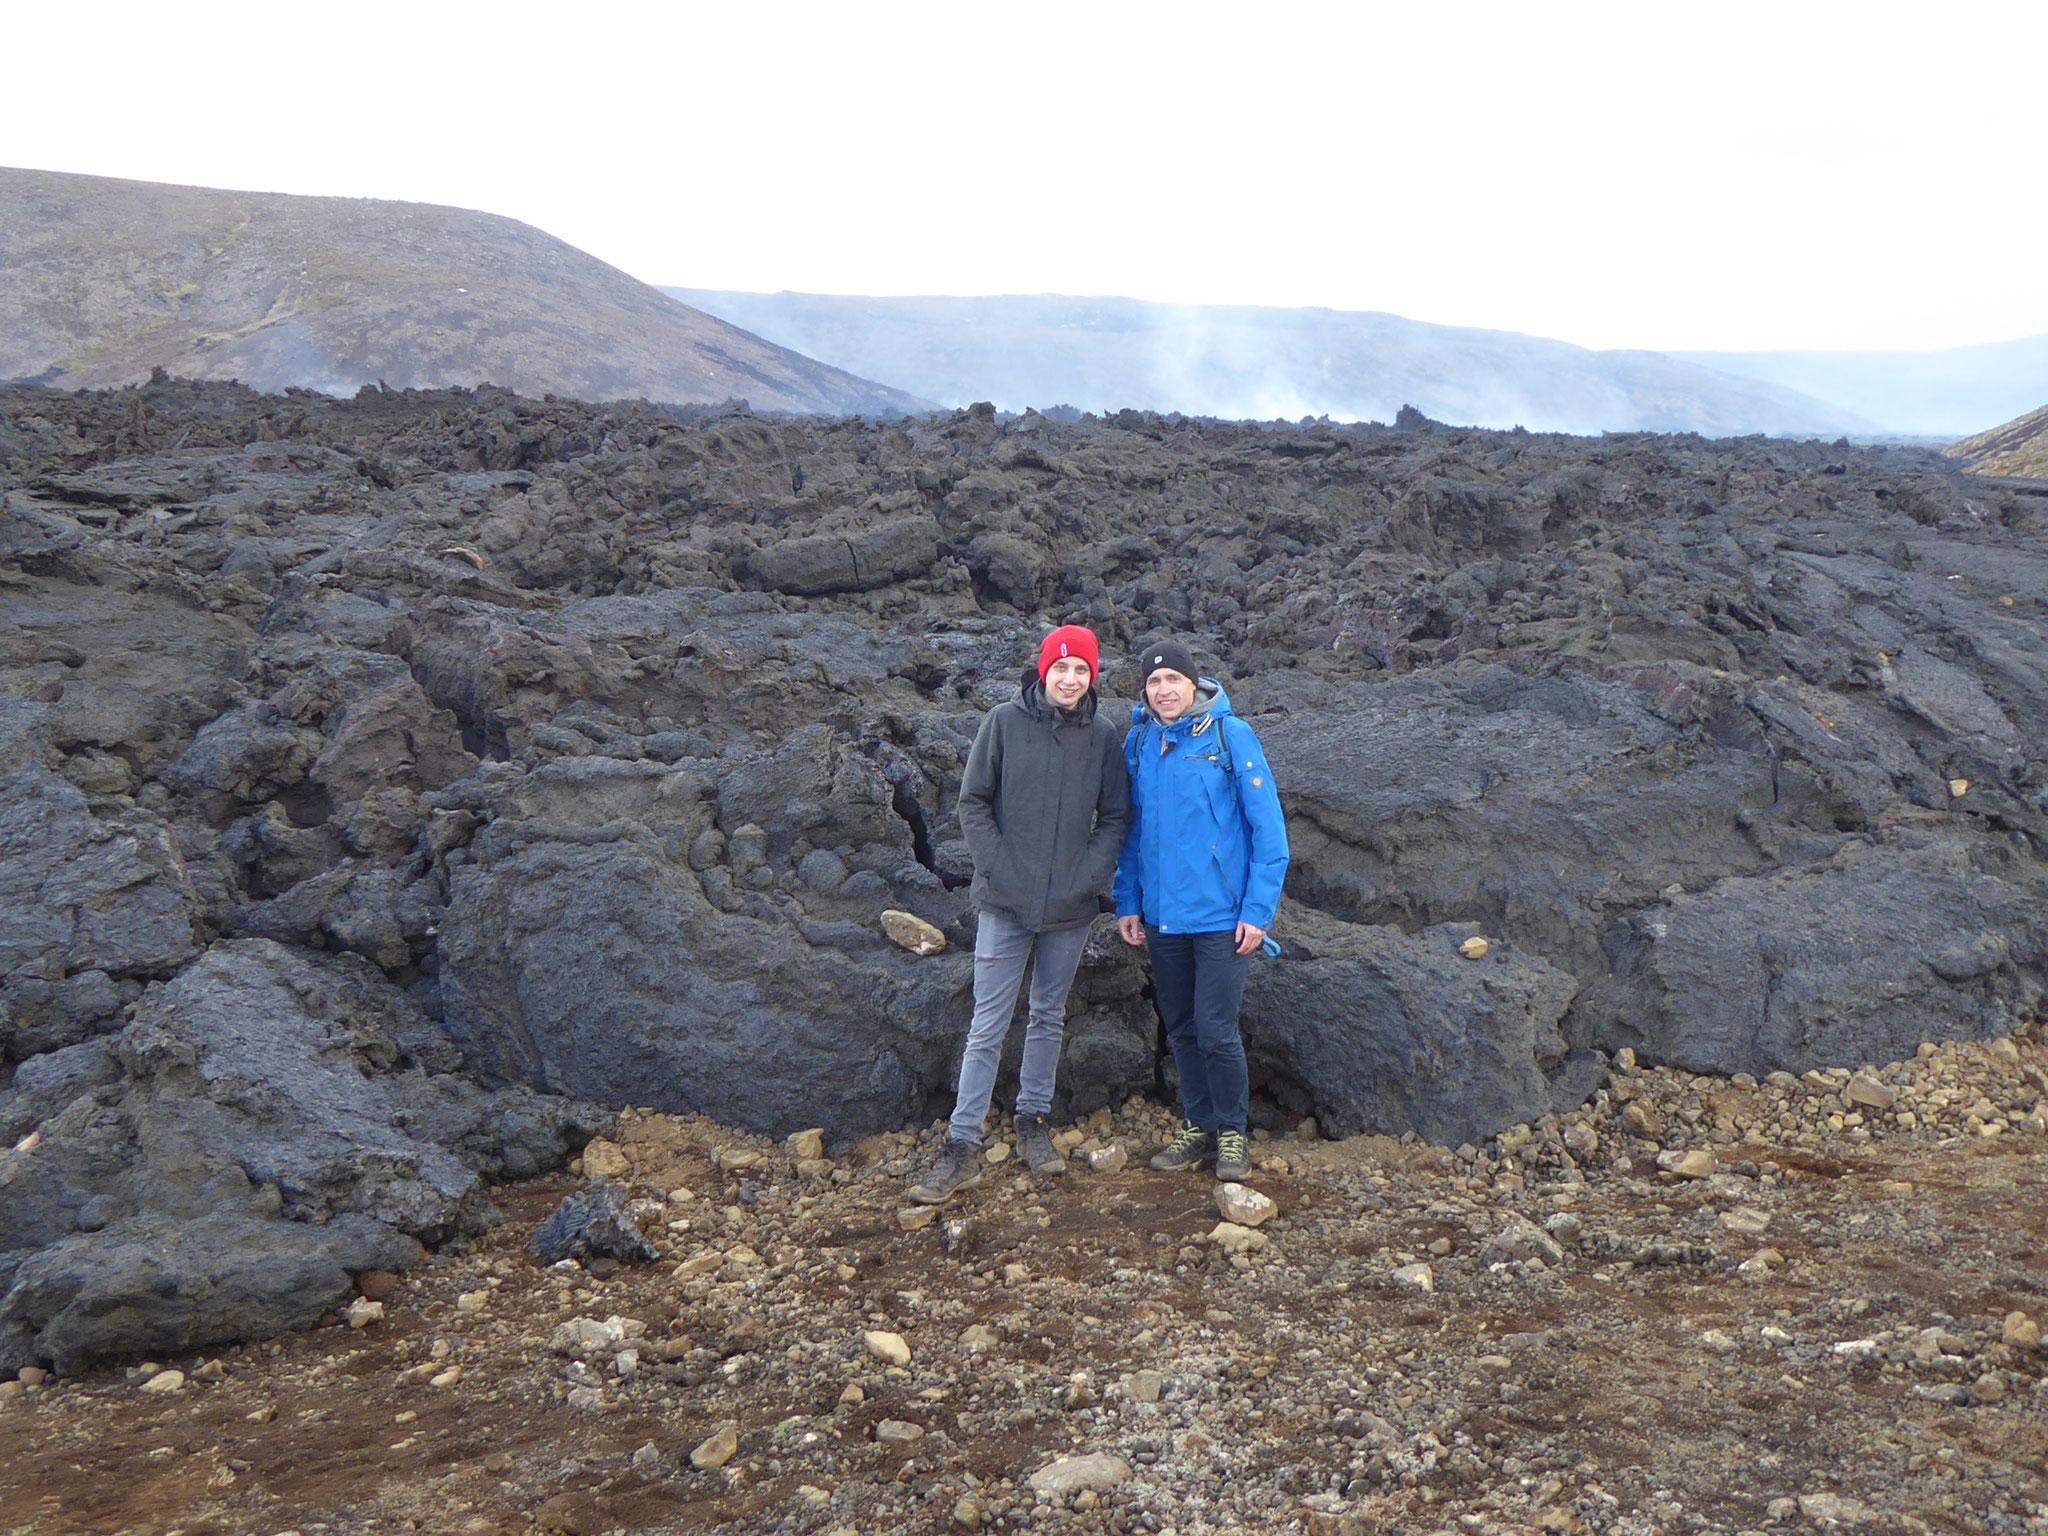 Lorenz und sein Vater bei den Lavafeldern des Fagradalsfjall-Vulkans (Foto: Monika Kießig)